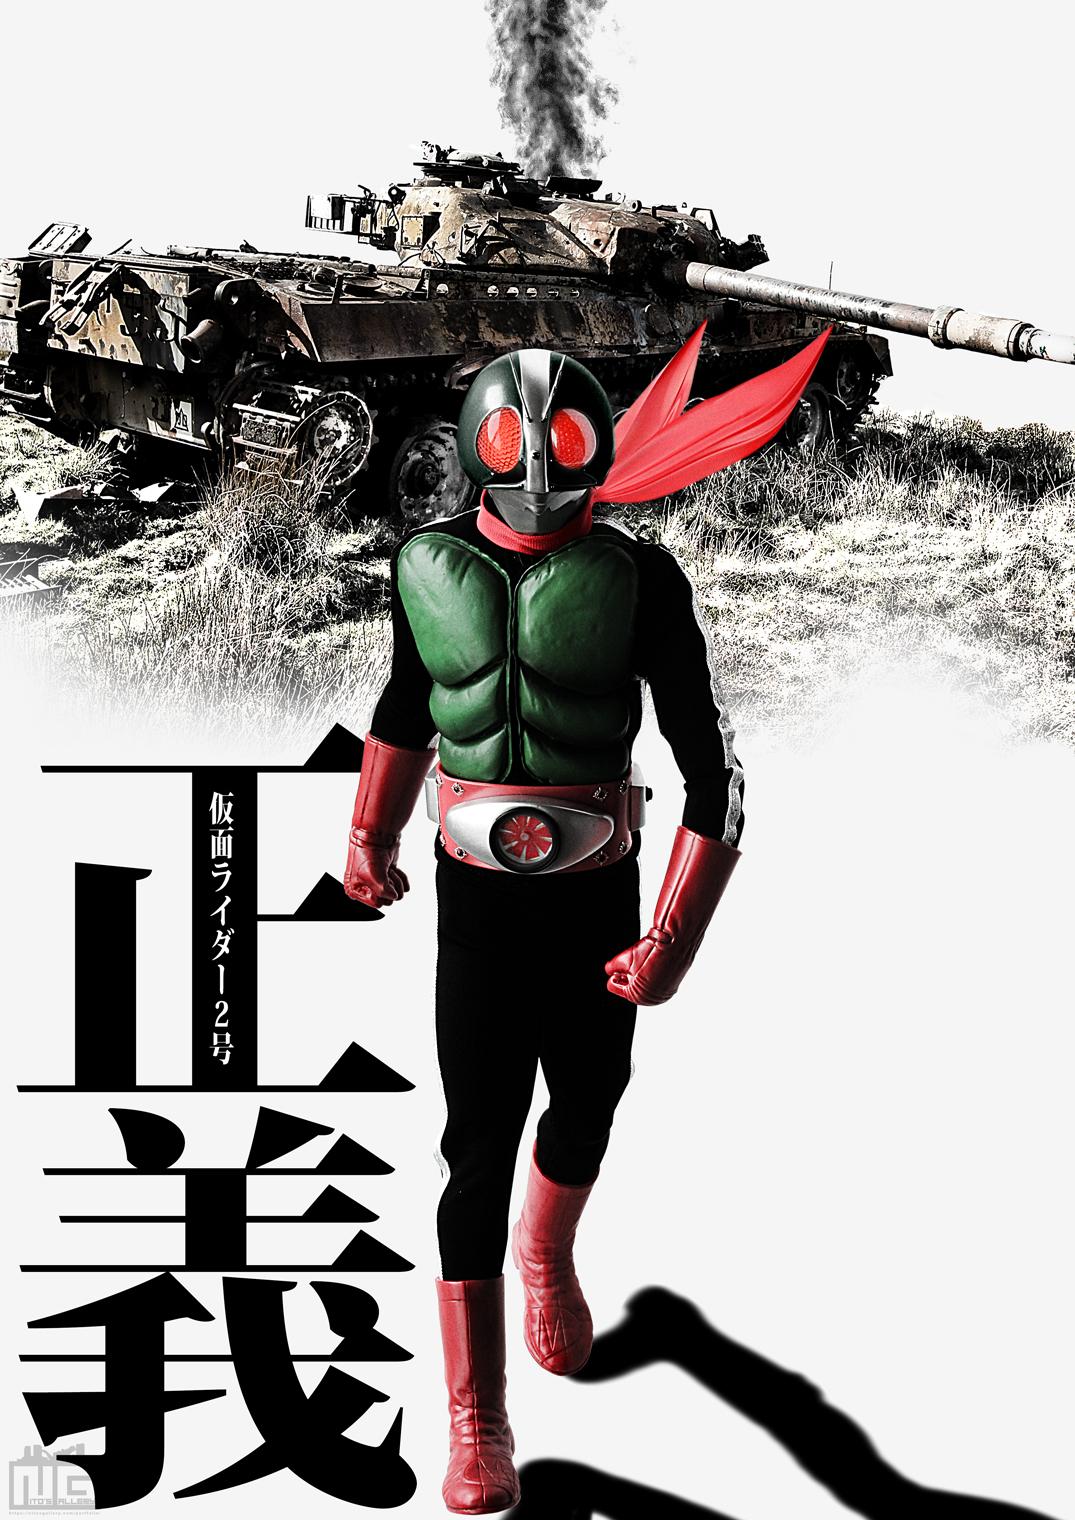 【デジラマ】正義 -仮面ライダー2号-